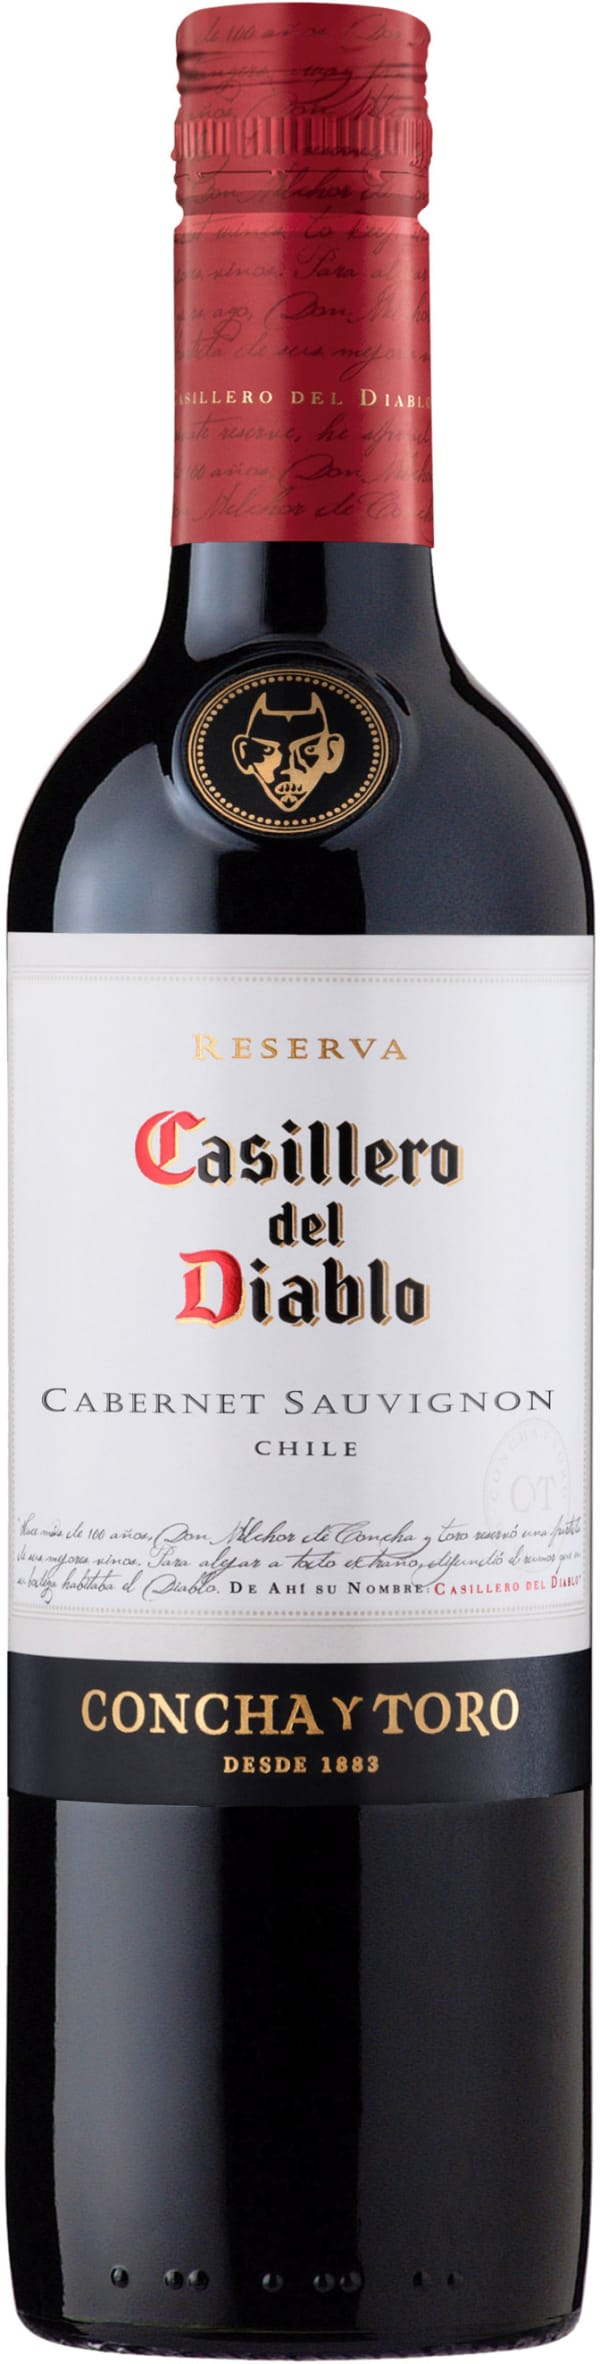 Casillero del Diablo Cabernet Sauvignon 2017